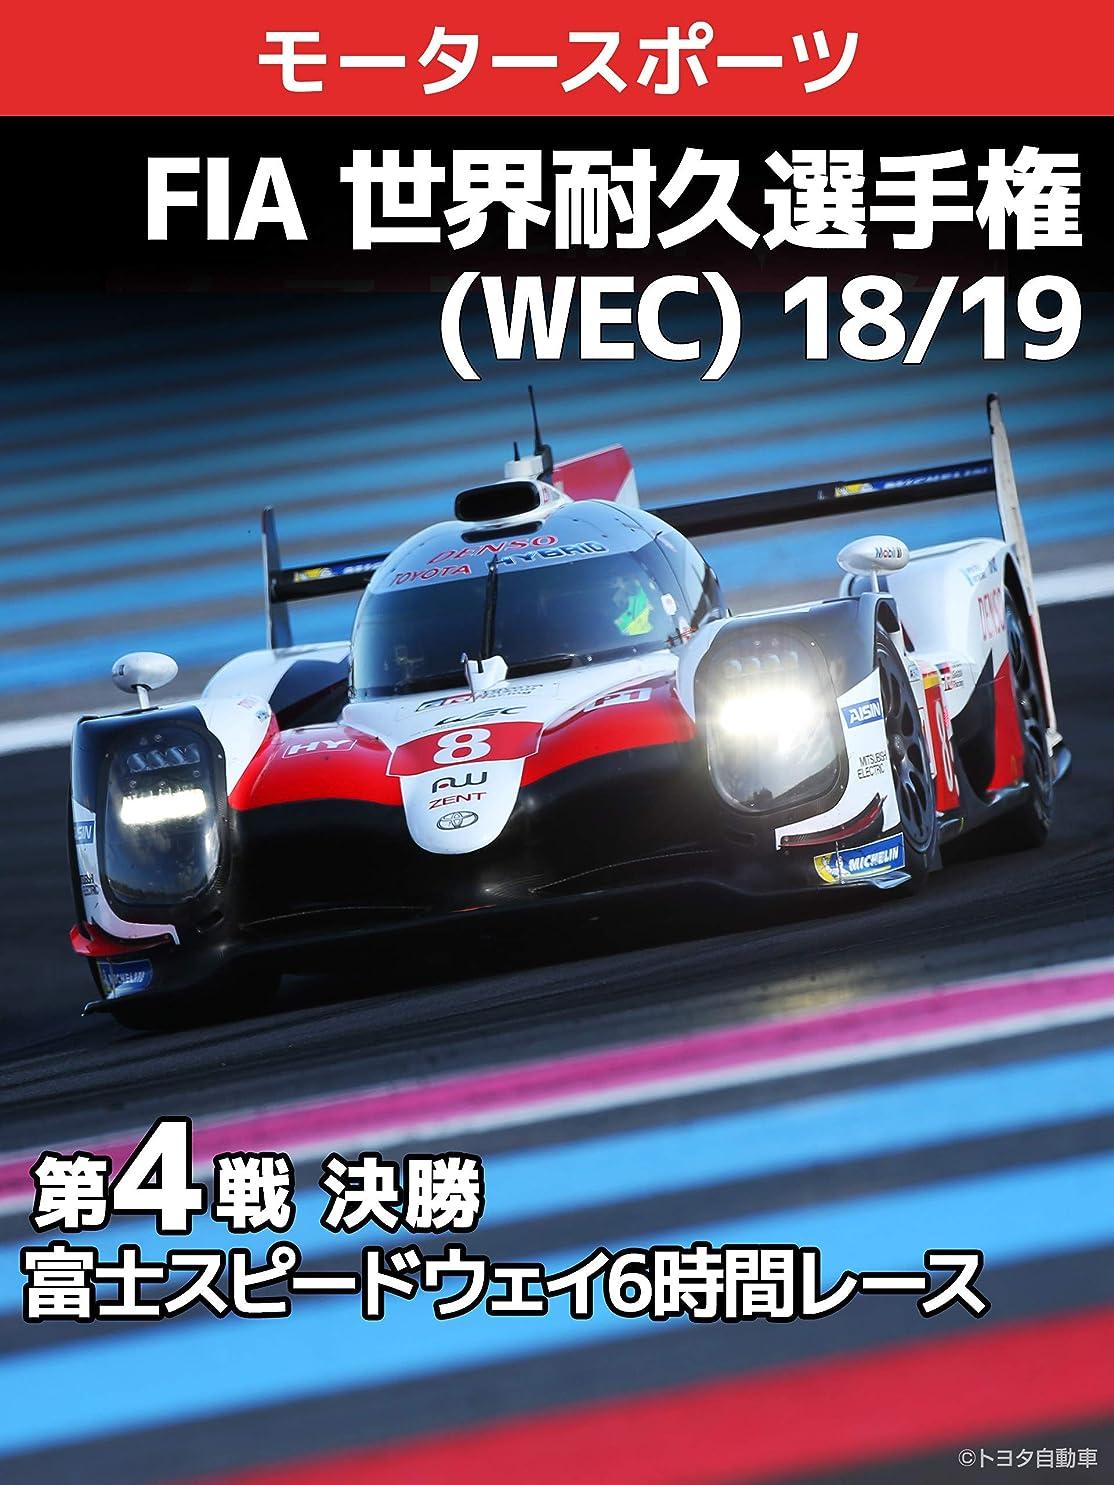 法王麻酔薬宝石FIA 世界耐久選手権(WEC) 18/19 第4戦?決勝 富士スピードウェイ6時間レース